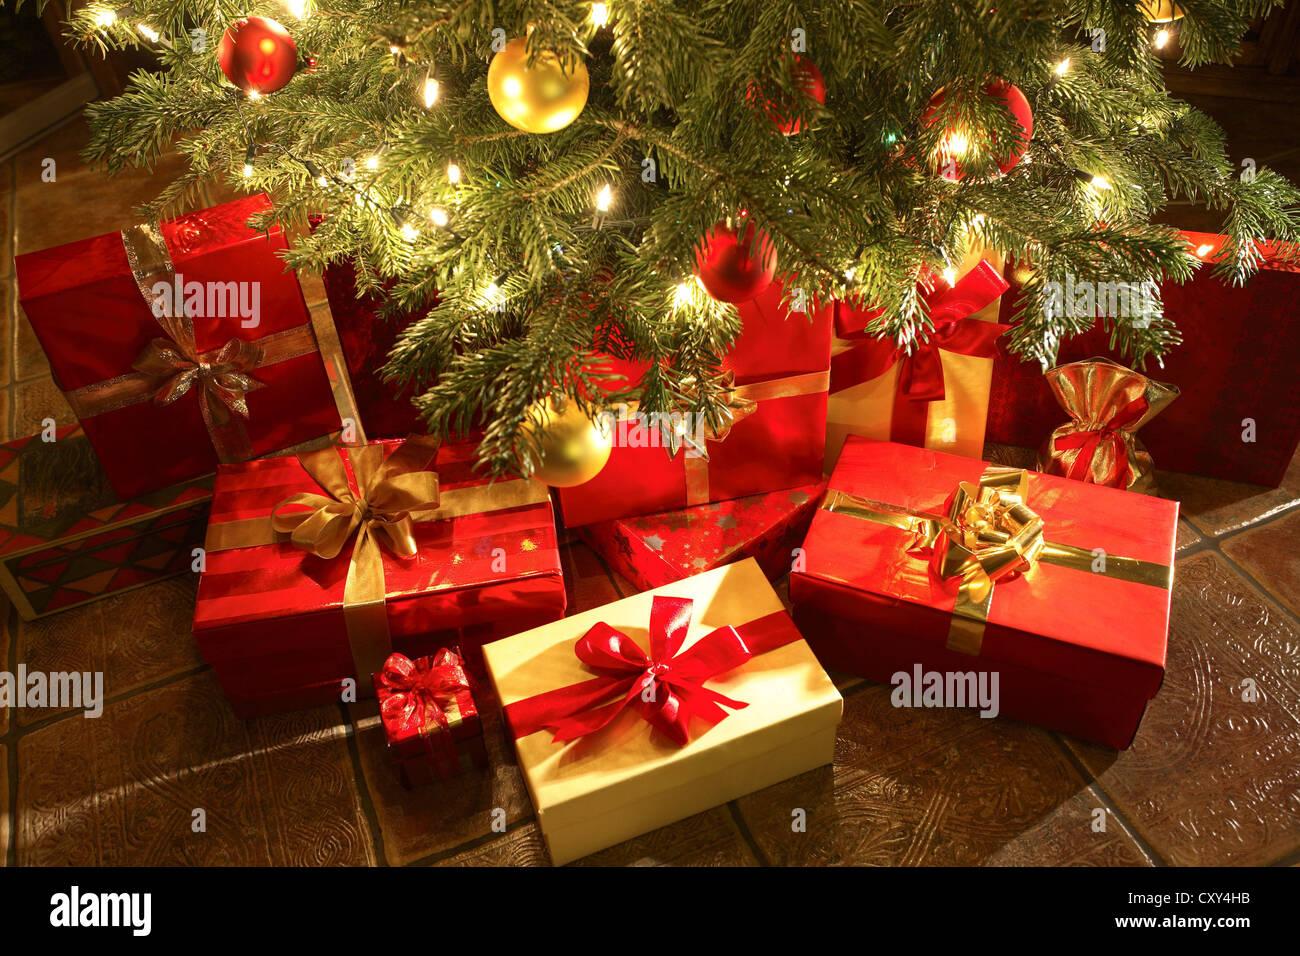 Weihnachtsgeschenke unter einem Weihnachtsbaum Stockfoto, Bild ...